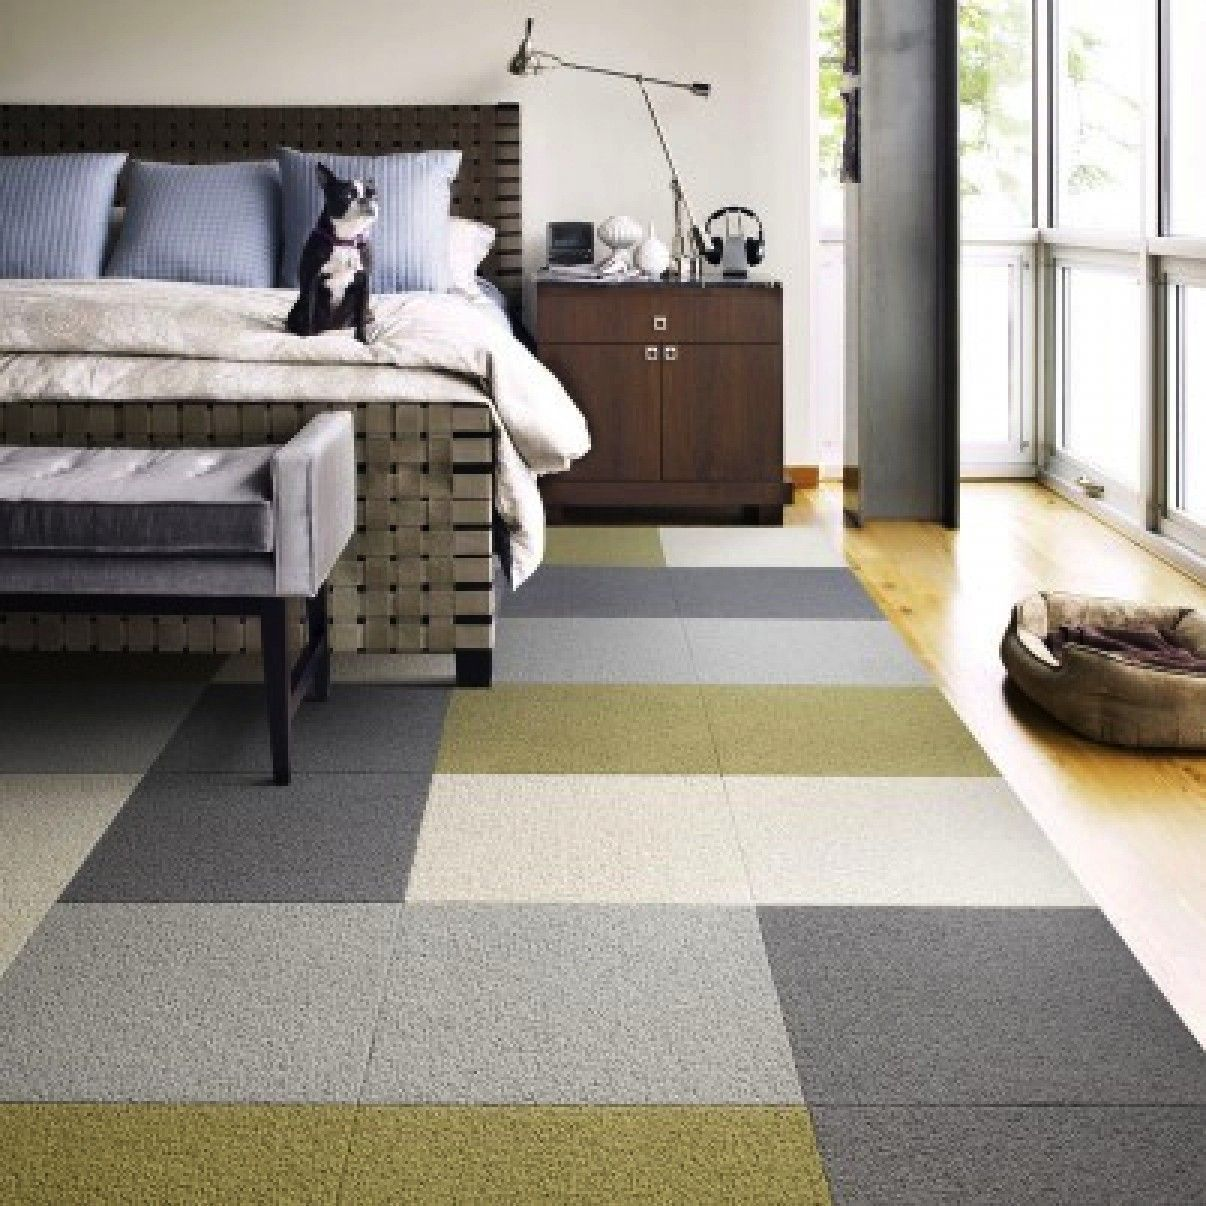 Carpet Tiles Supplier In Dubai Bedroom Carpet Carpet Design Carpet Tiles Bedroom